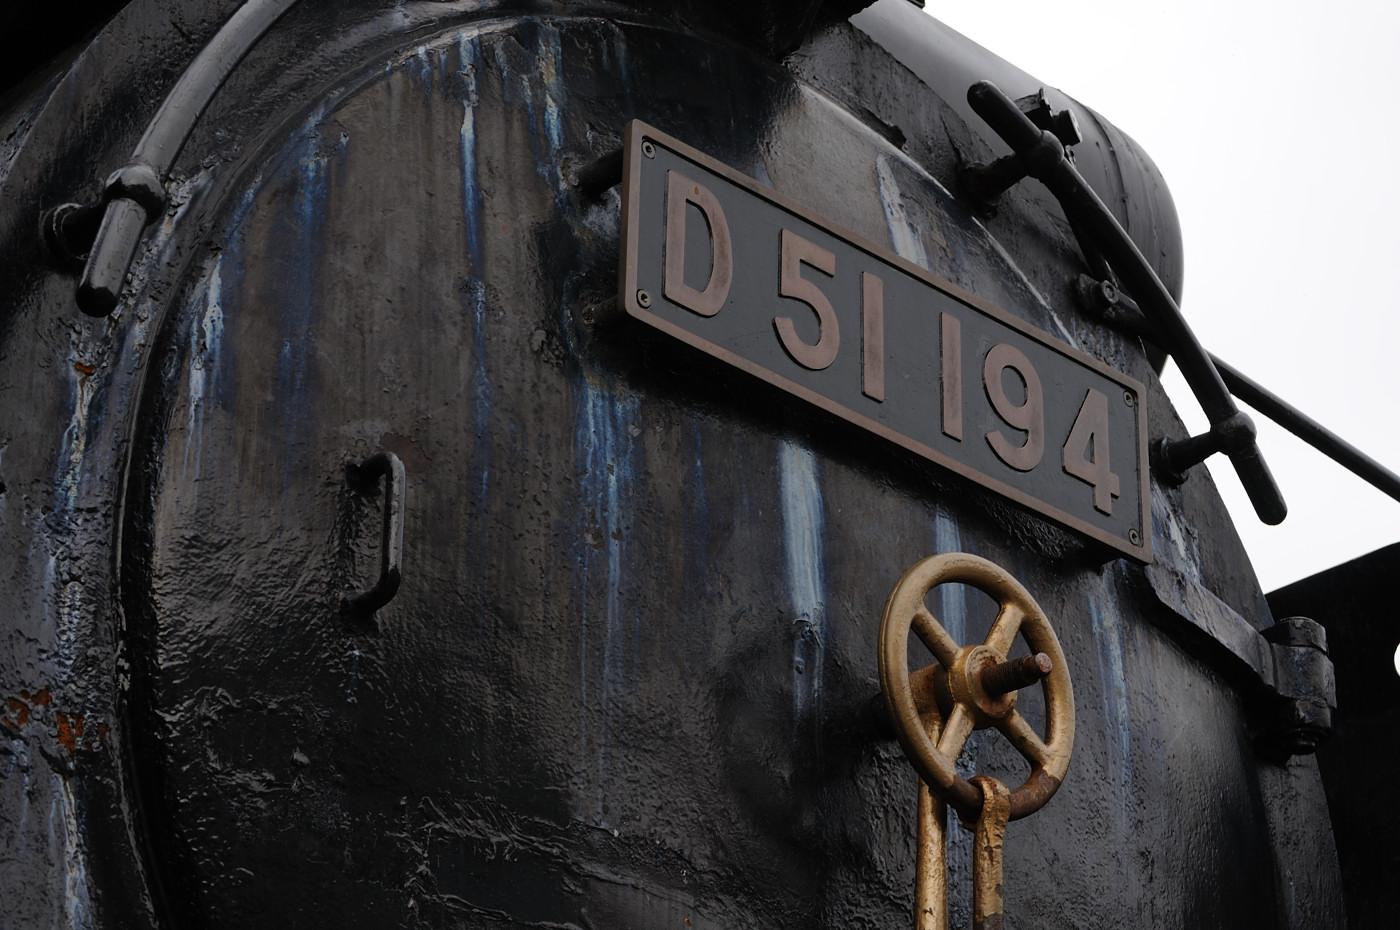 D51の正面のプレートです